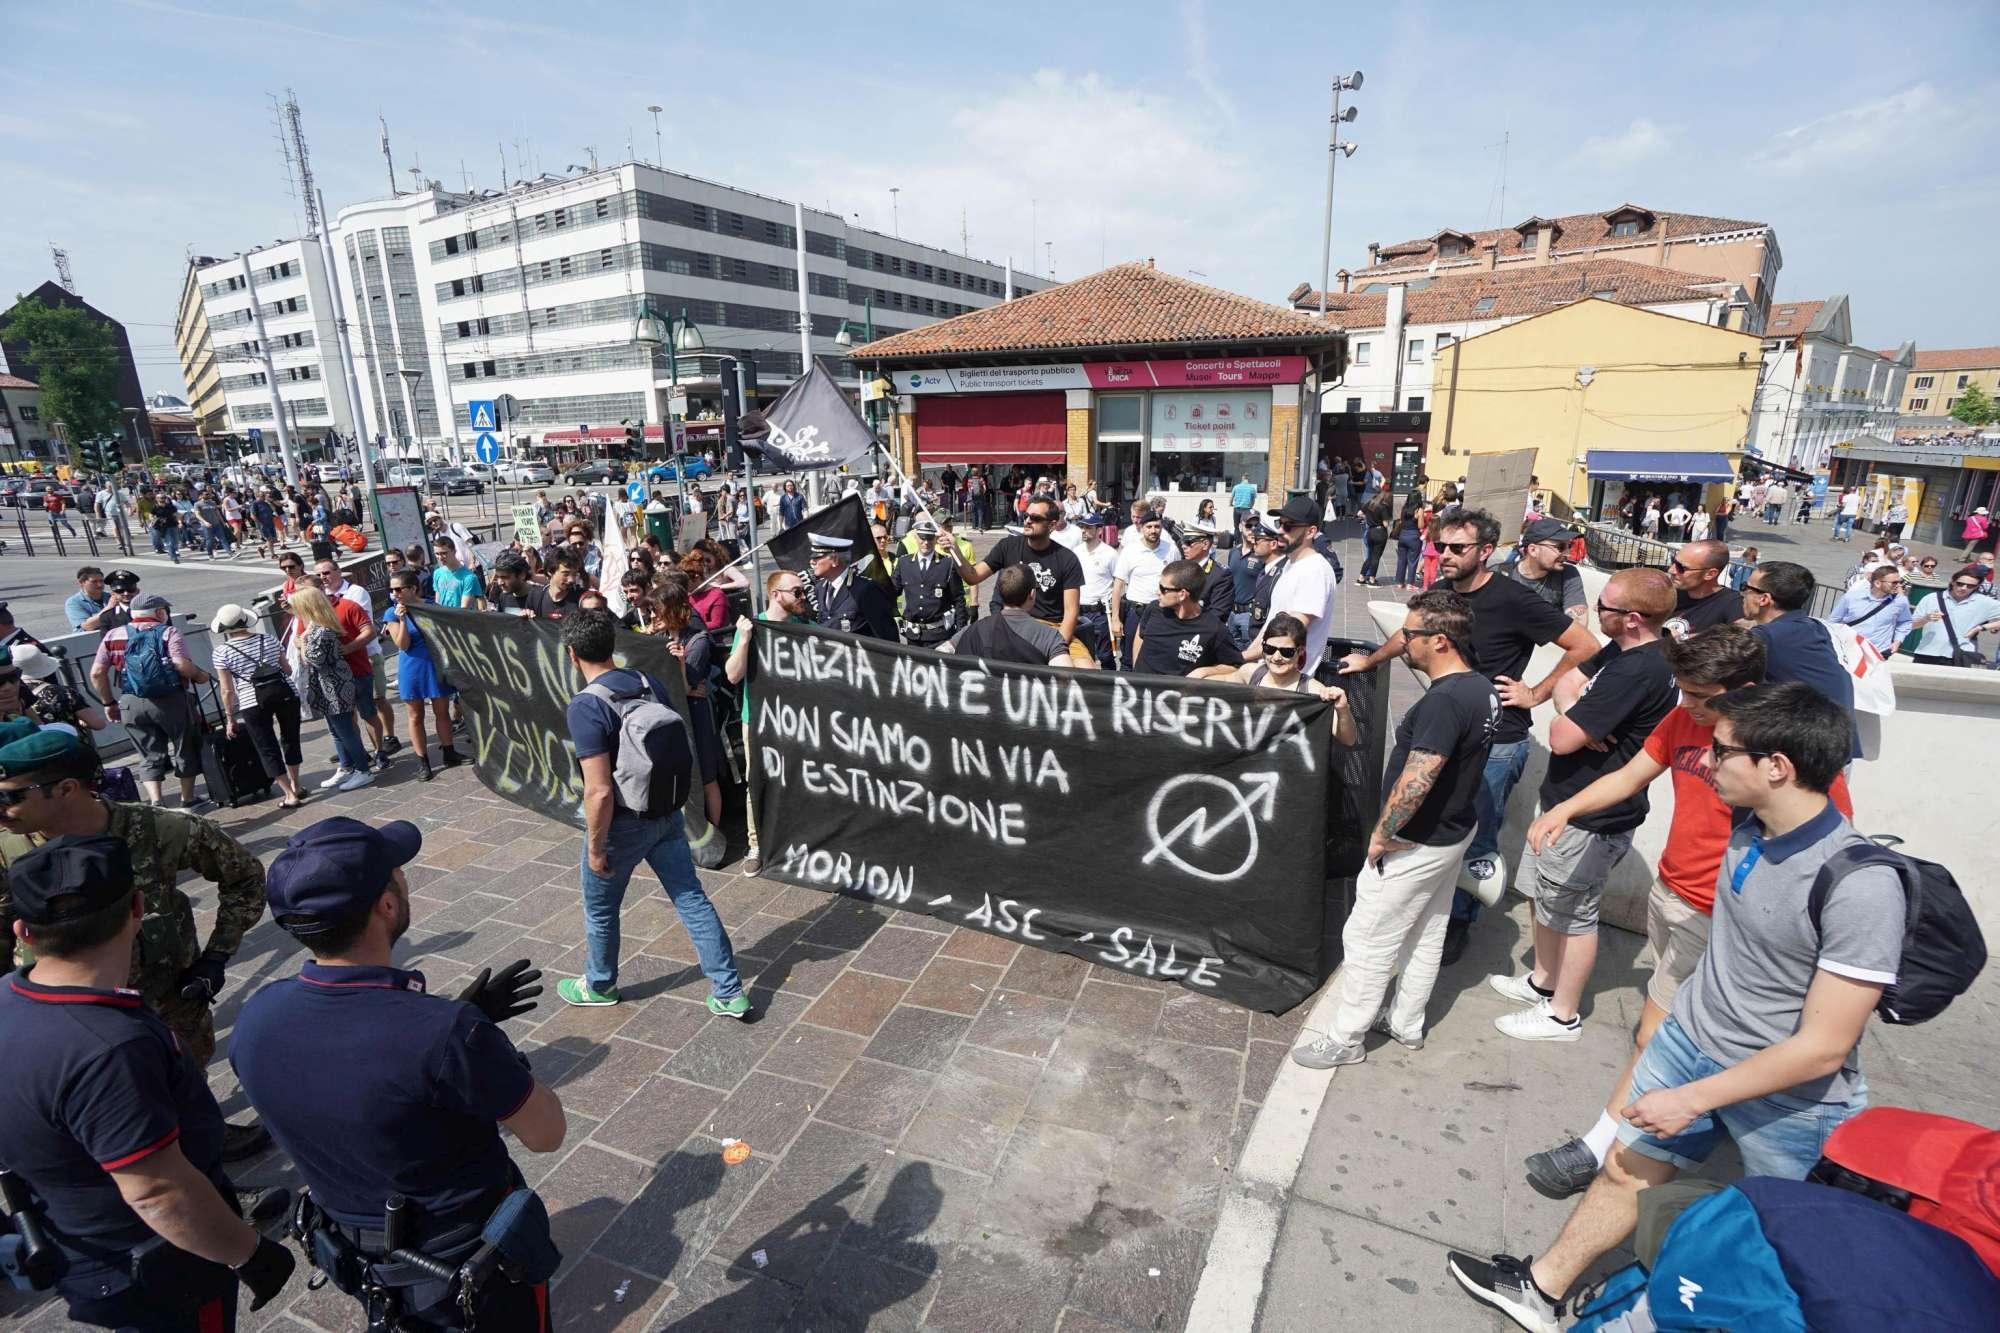 Venezia non è un luna park : blitz dei no global contro i tornelli